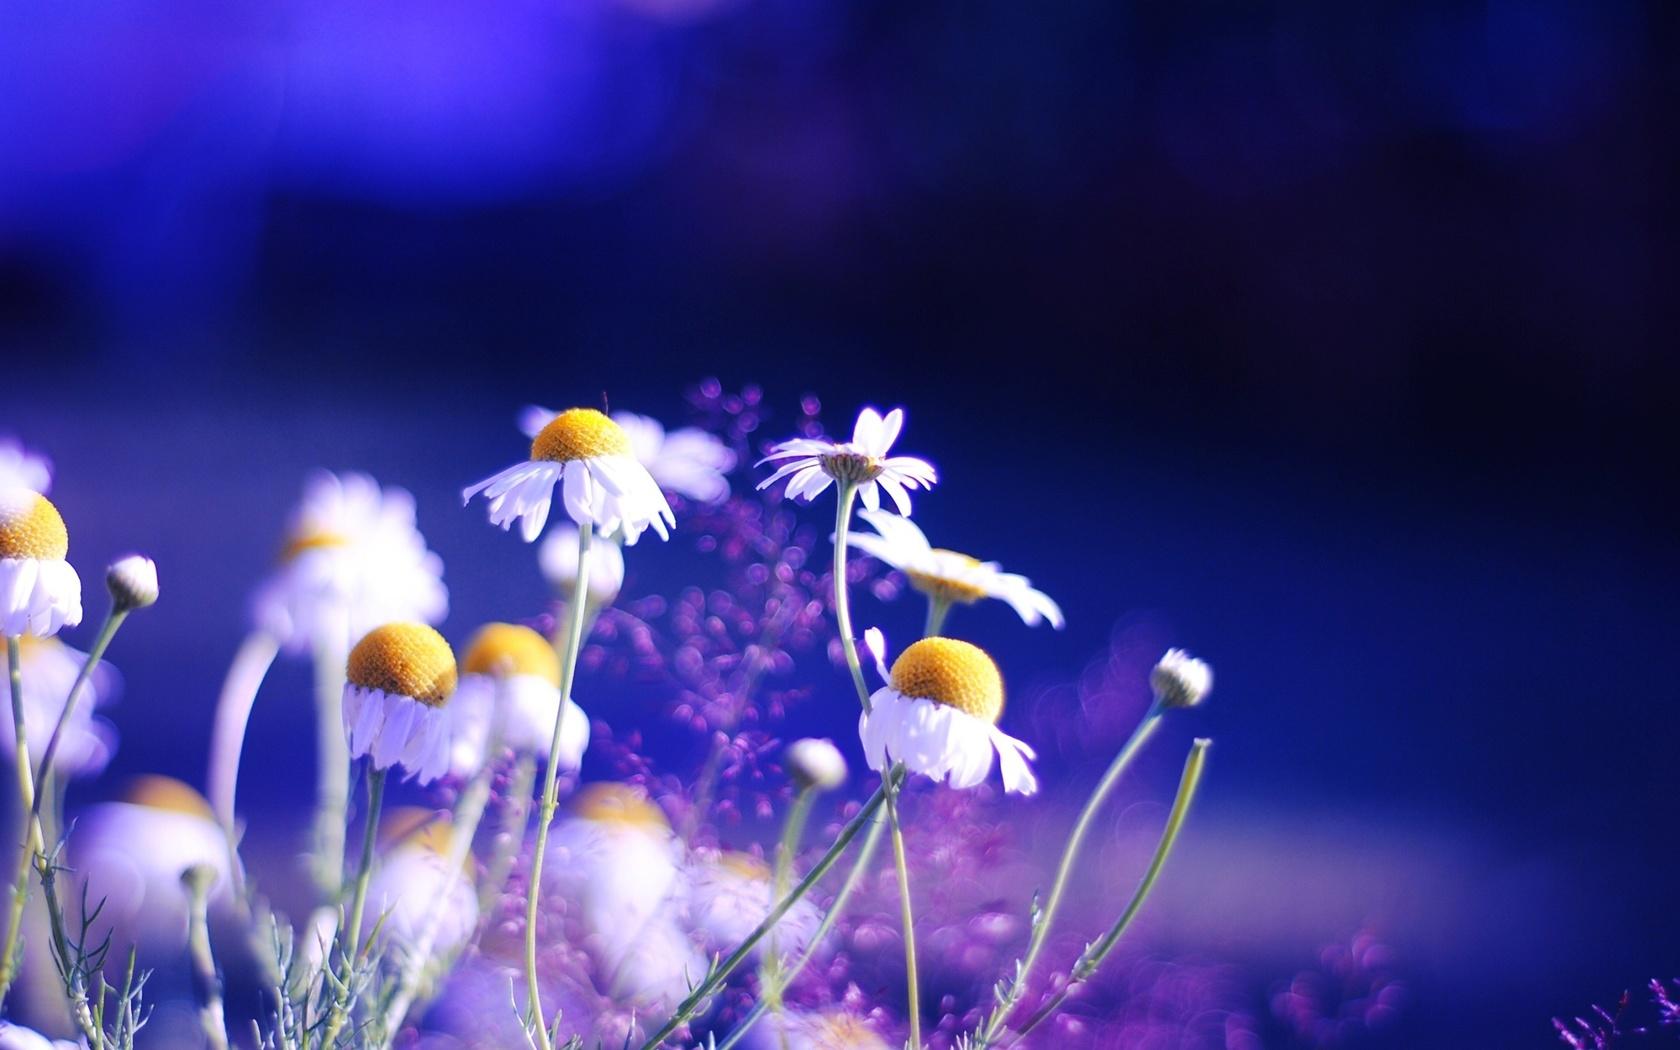 яркие, ромашки, цветы, Природа, фон, растения, цвета